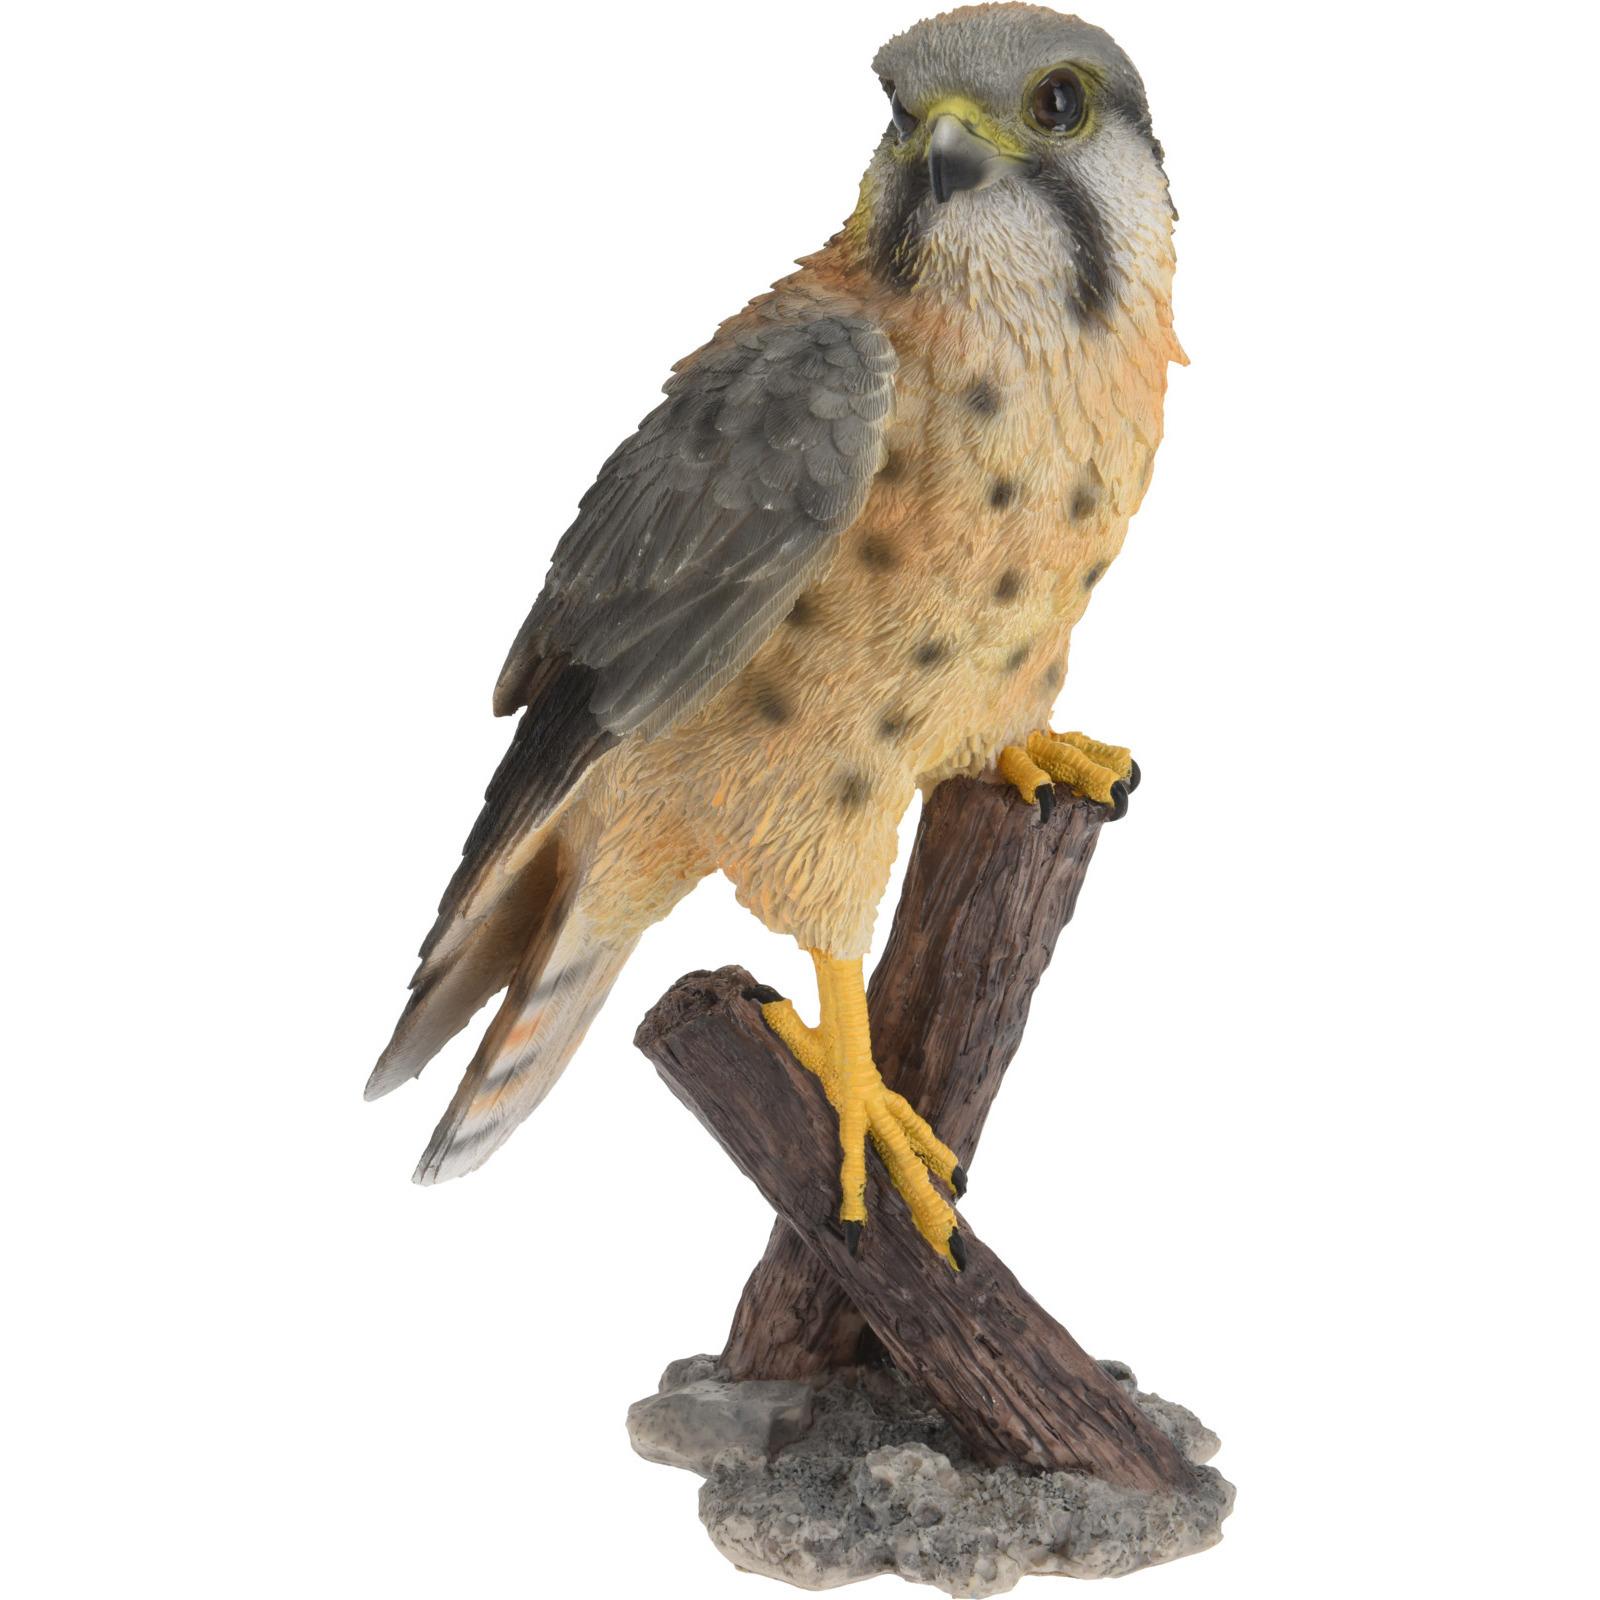 Dierenbeeld torenvalk vogel 30 cm woondecoratie